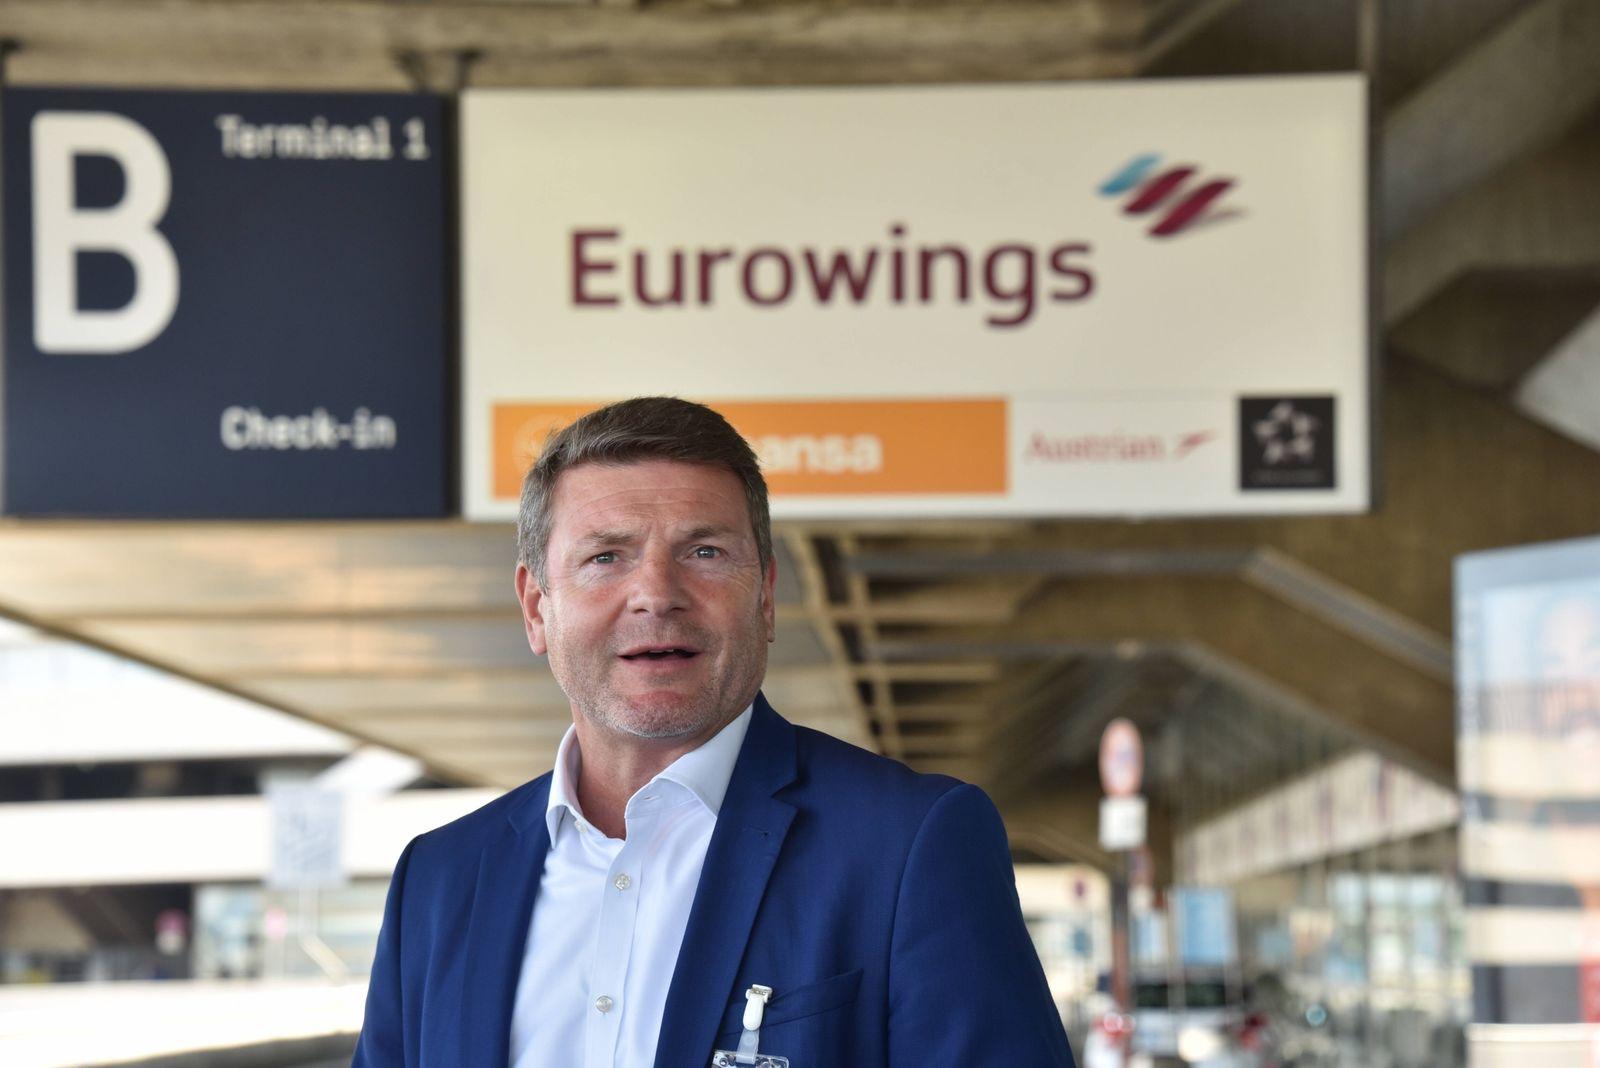 Jens Bischof, Geschäftsführer der Fluggesellschaft Eurowings bei der Vorstellung des Sicherheitskonzept am Flughafen Köl